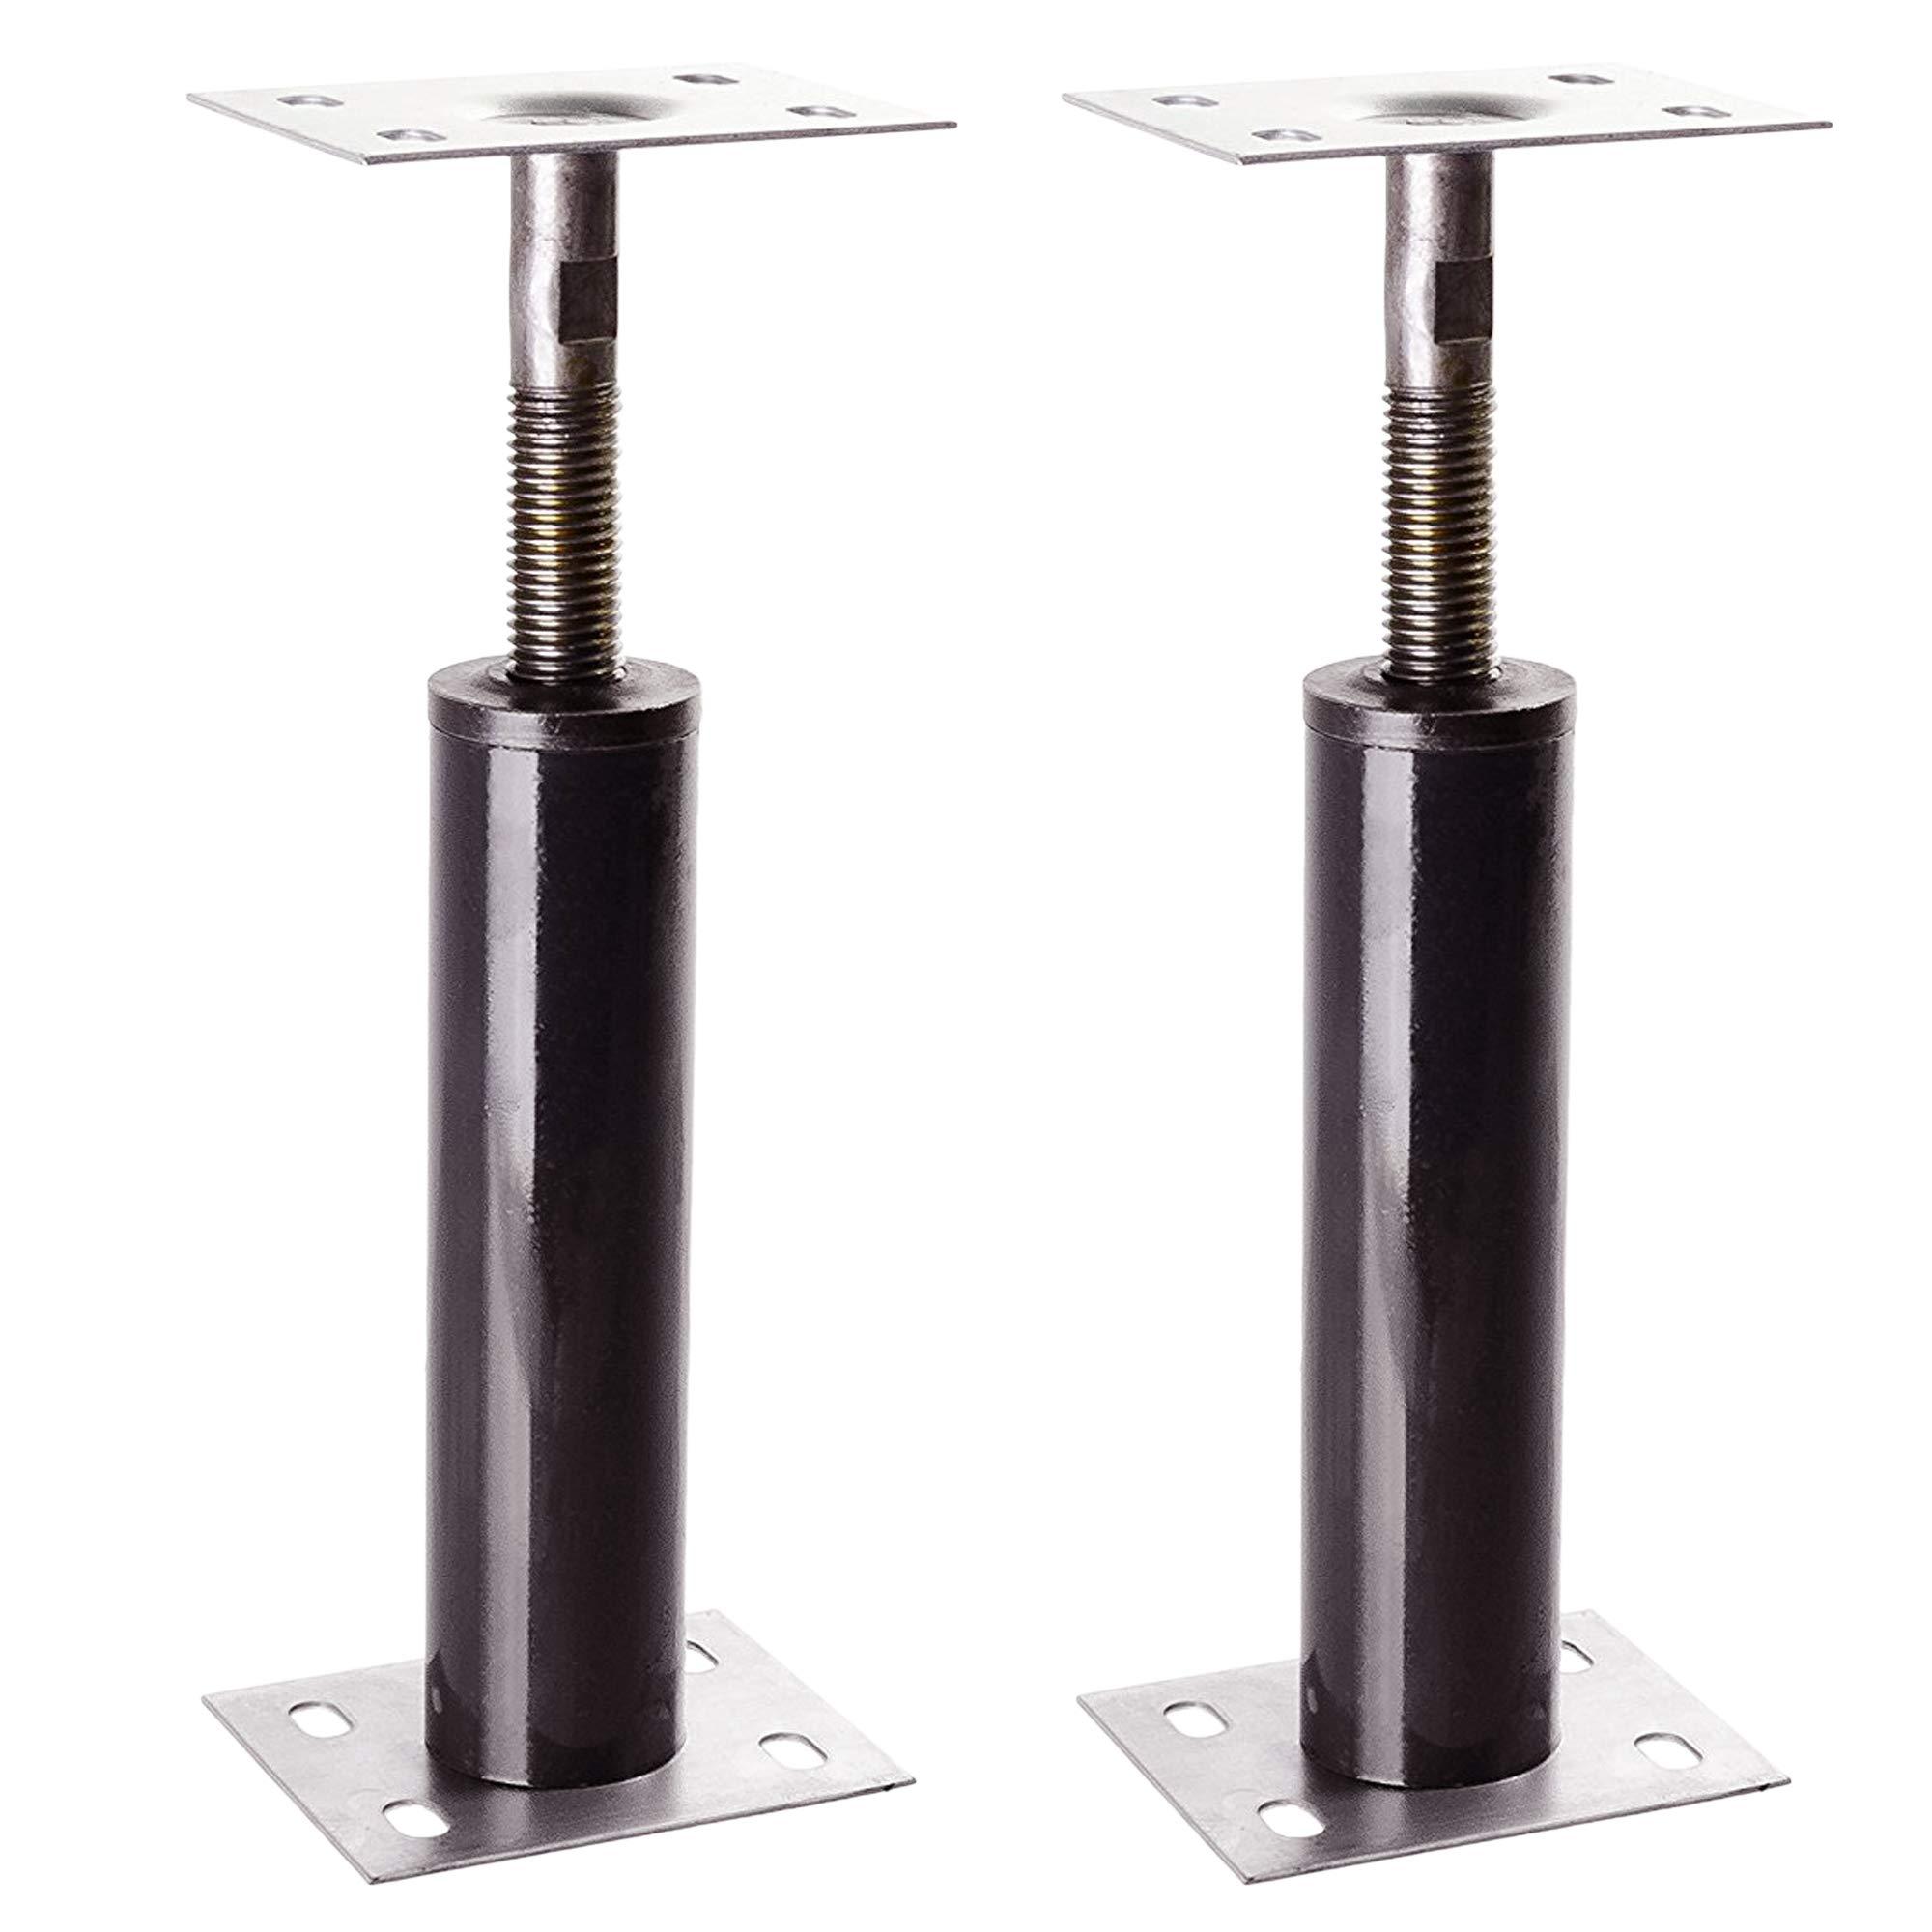 Adjustable Floor Jack Post 15 Gauge - Size Range